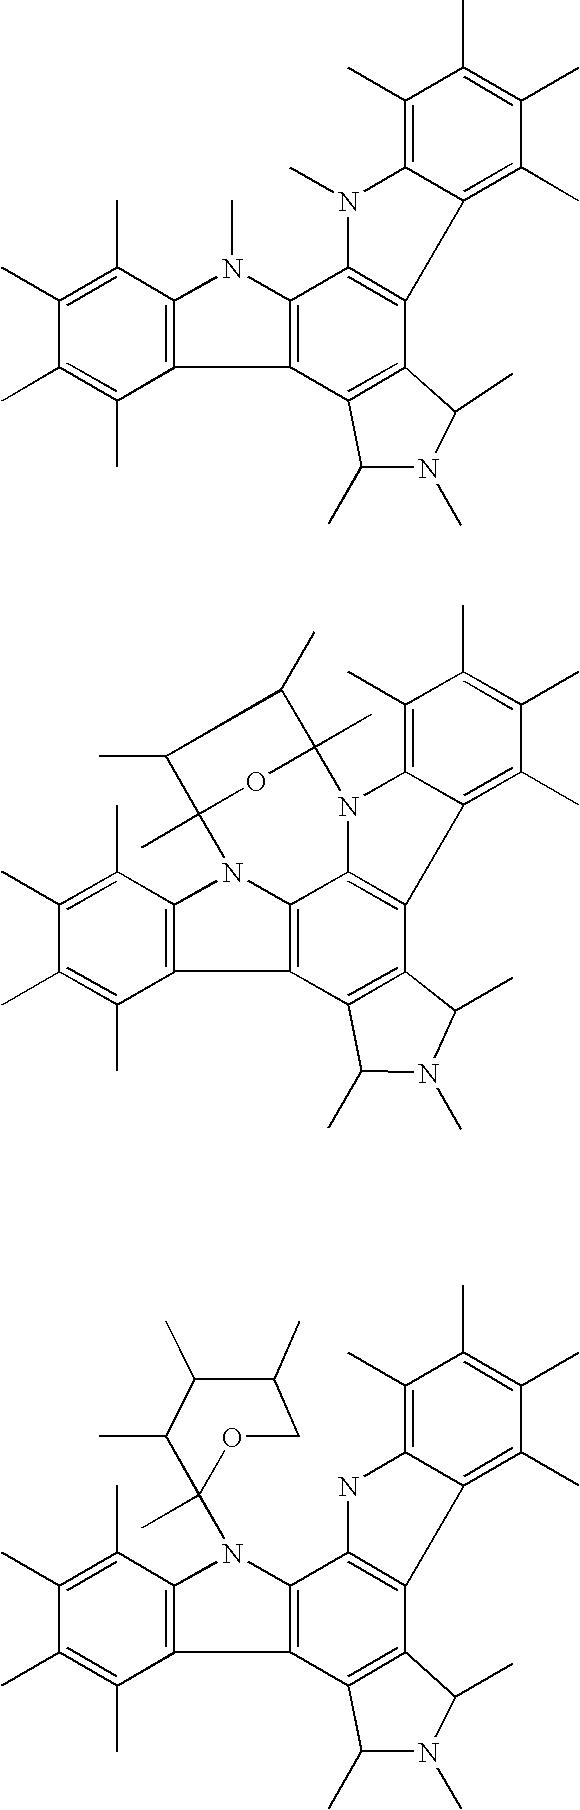 Figure US20090092675A1-20090409-C00009